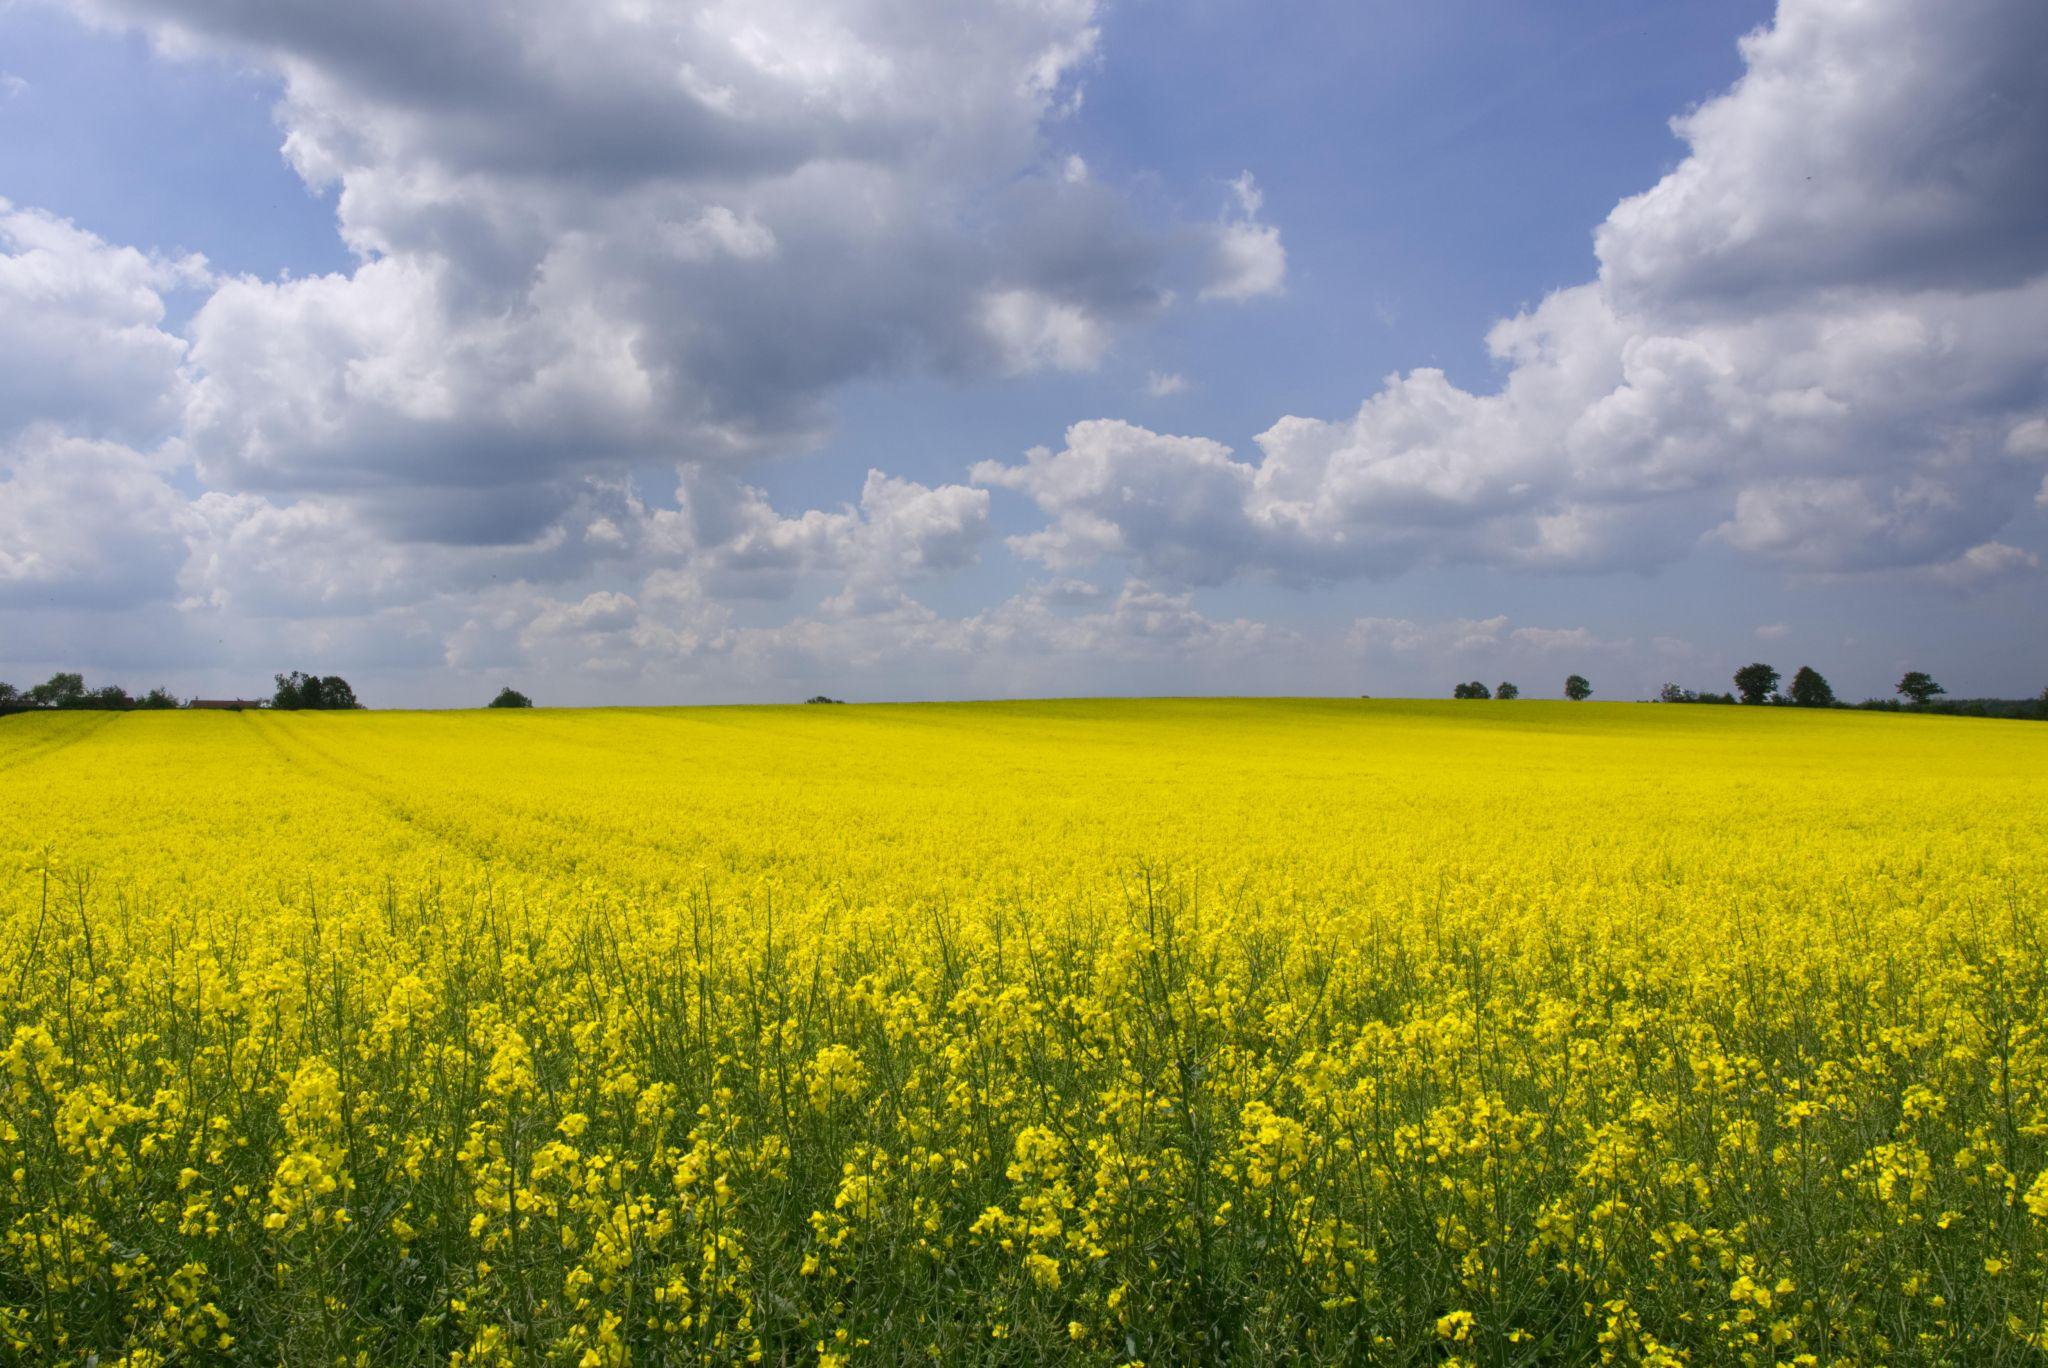 Field of rape in full flower, Germany